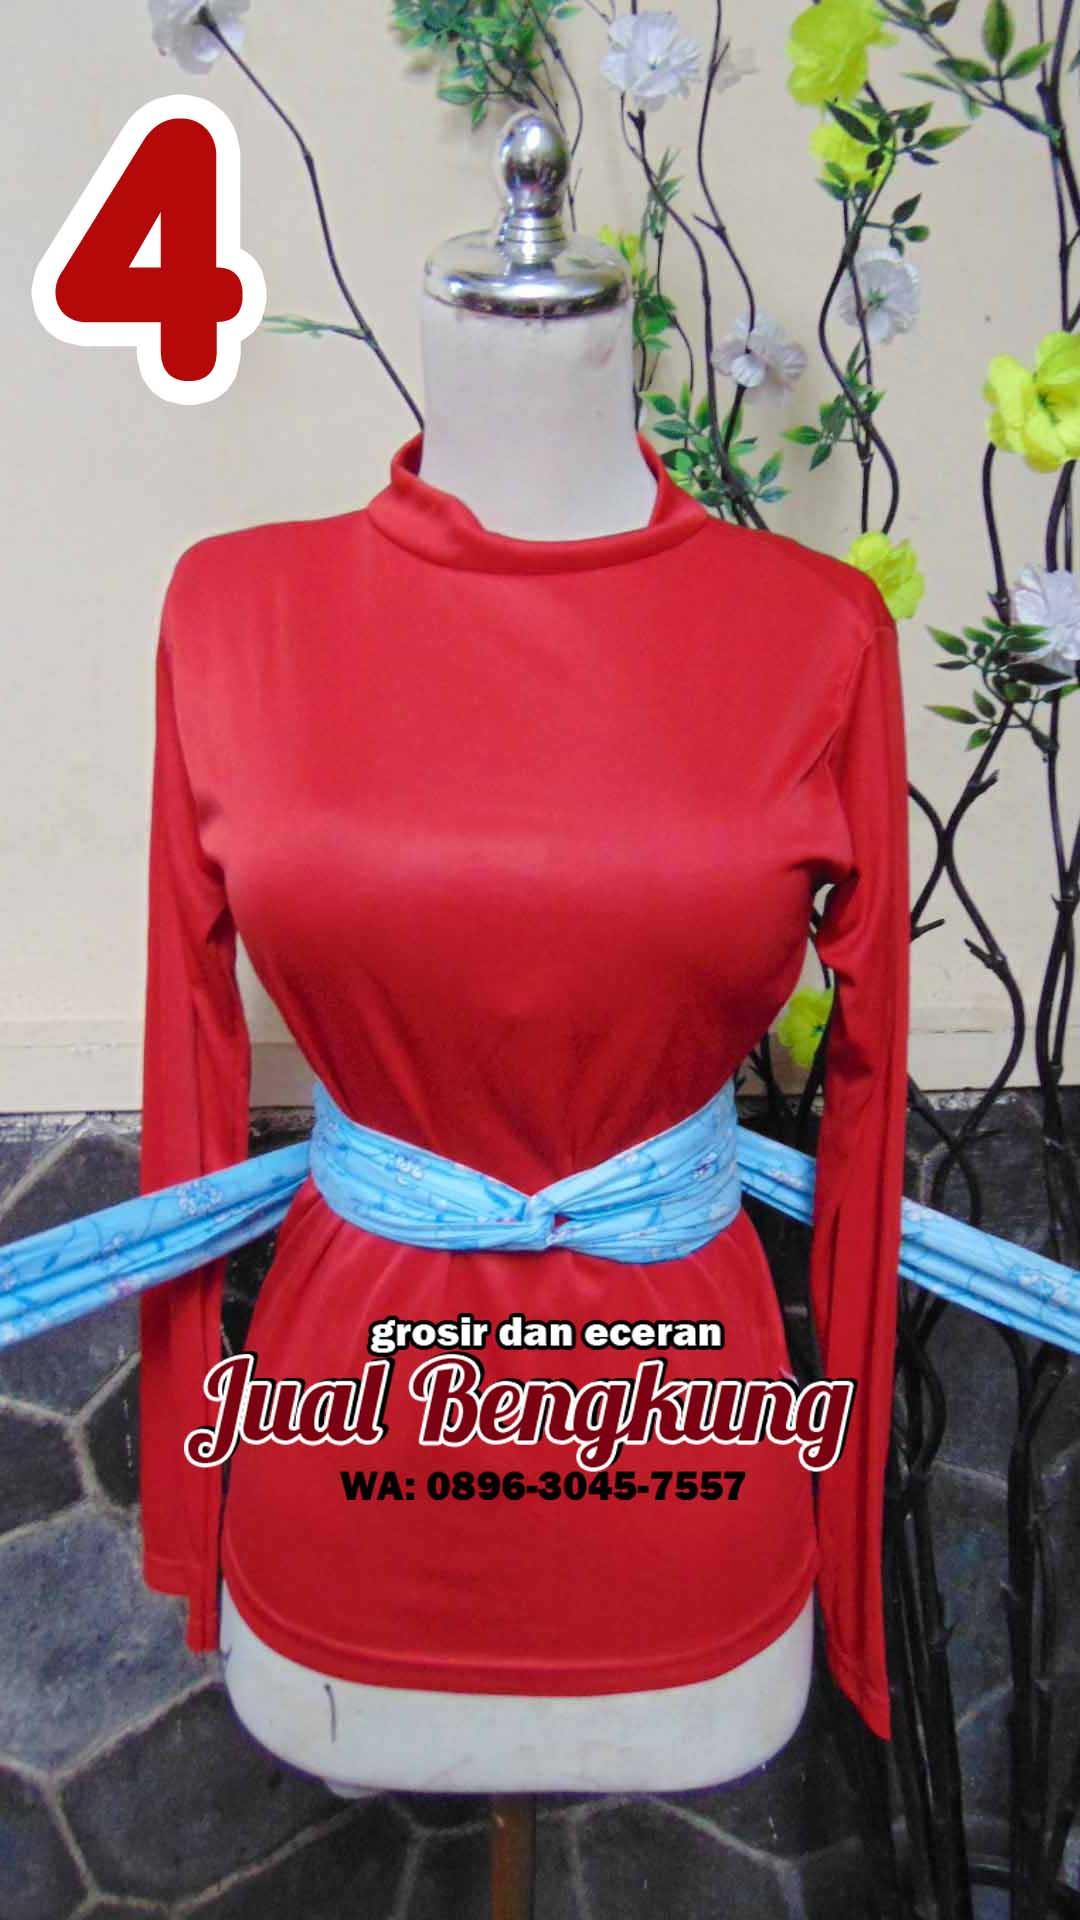 cara memakai bengkung belly binding - cara menggunakan bengkung andien 4